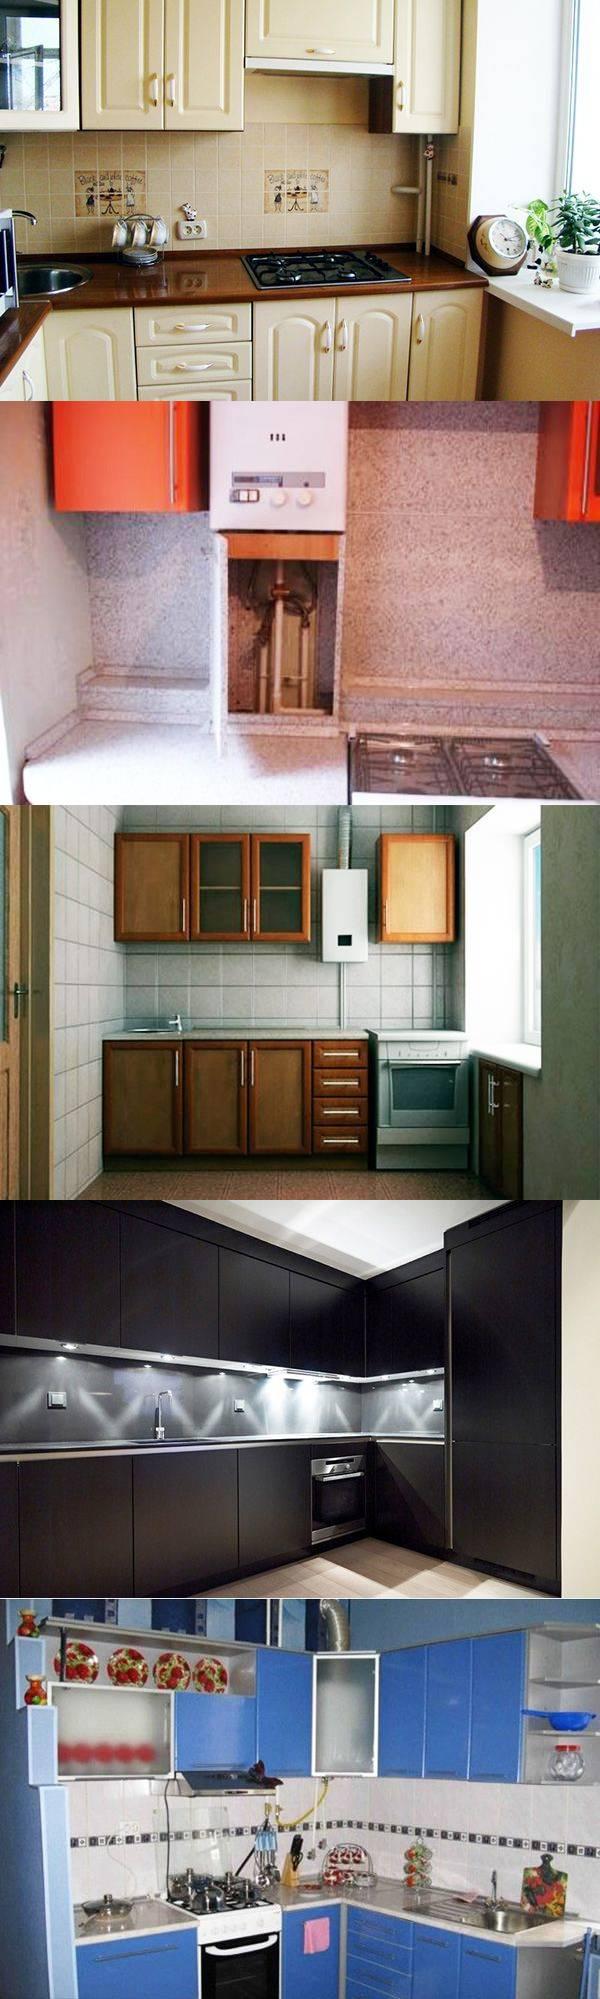 Дизайн кухонь с газовыми колонками